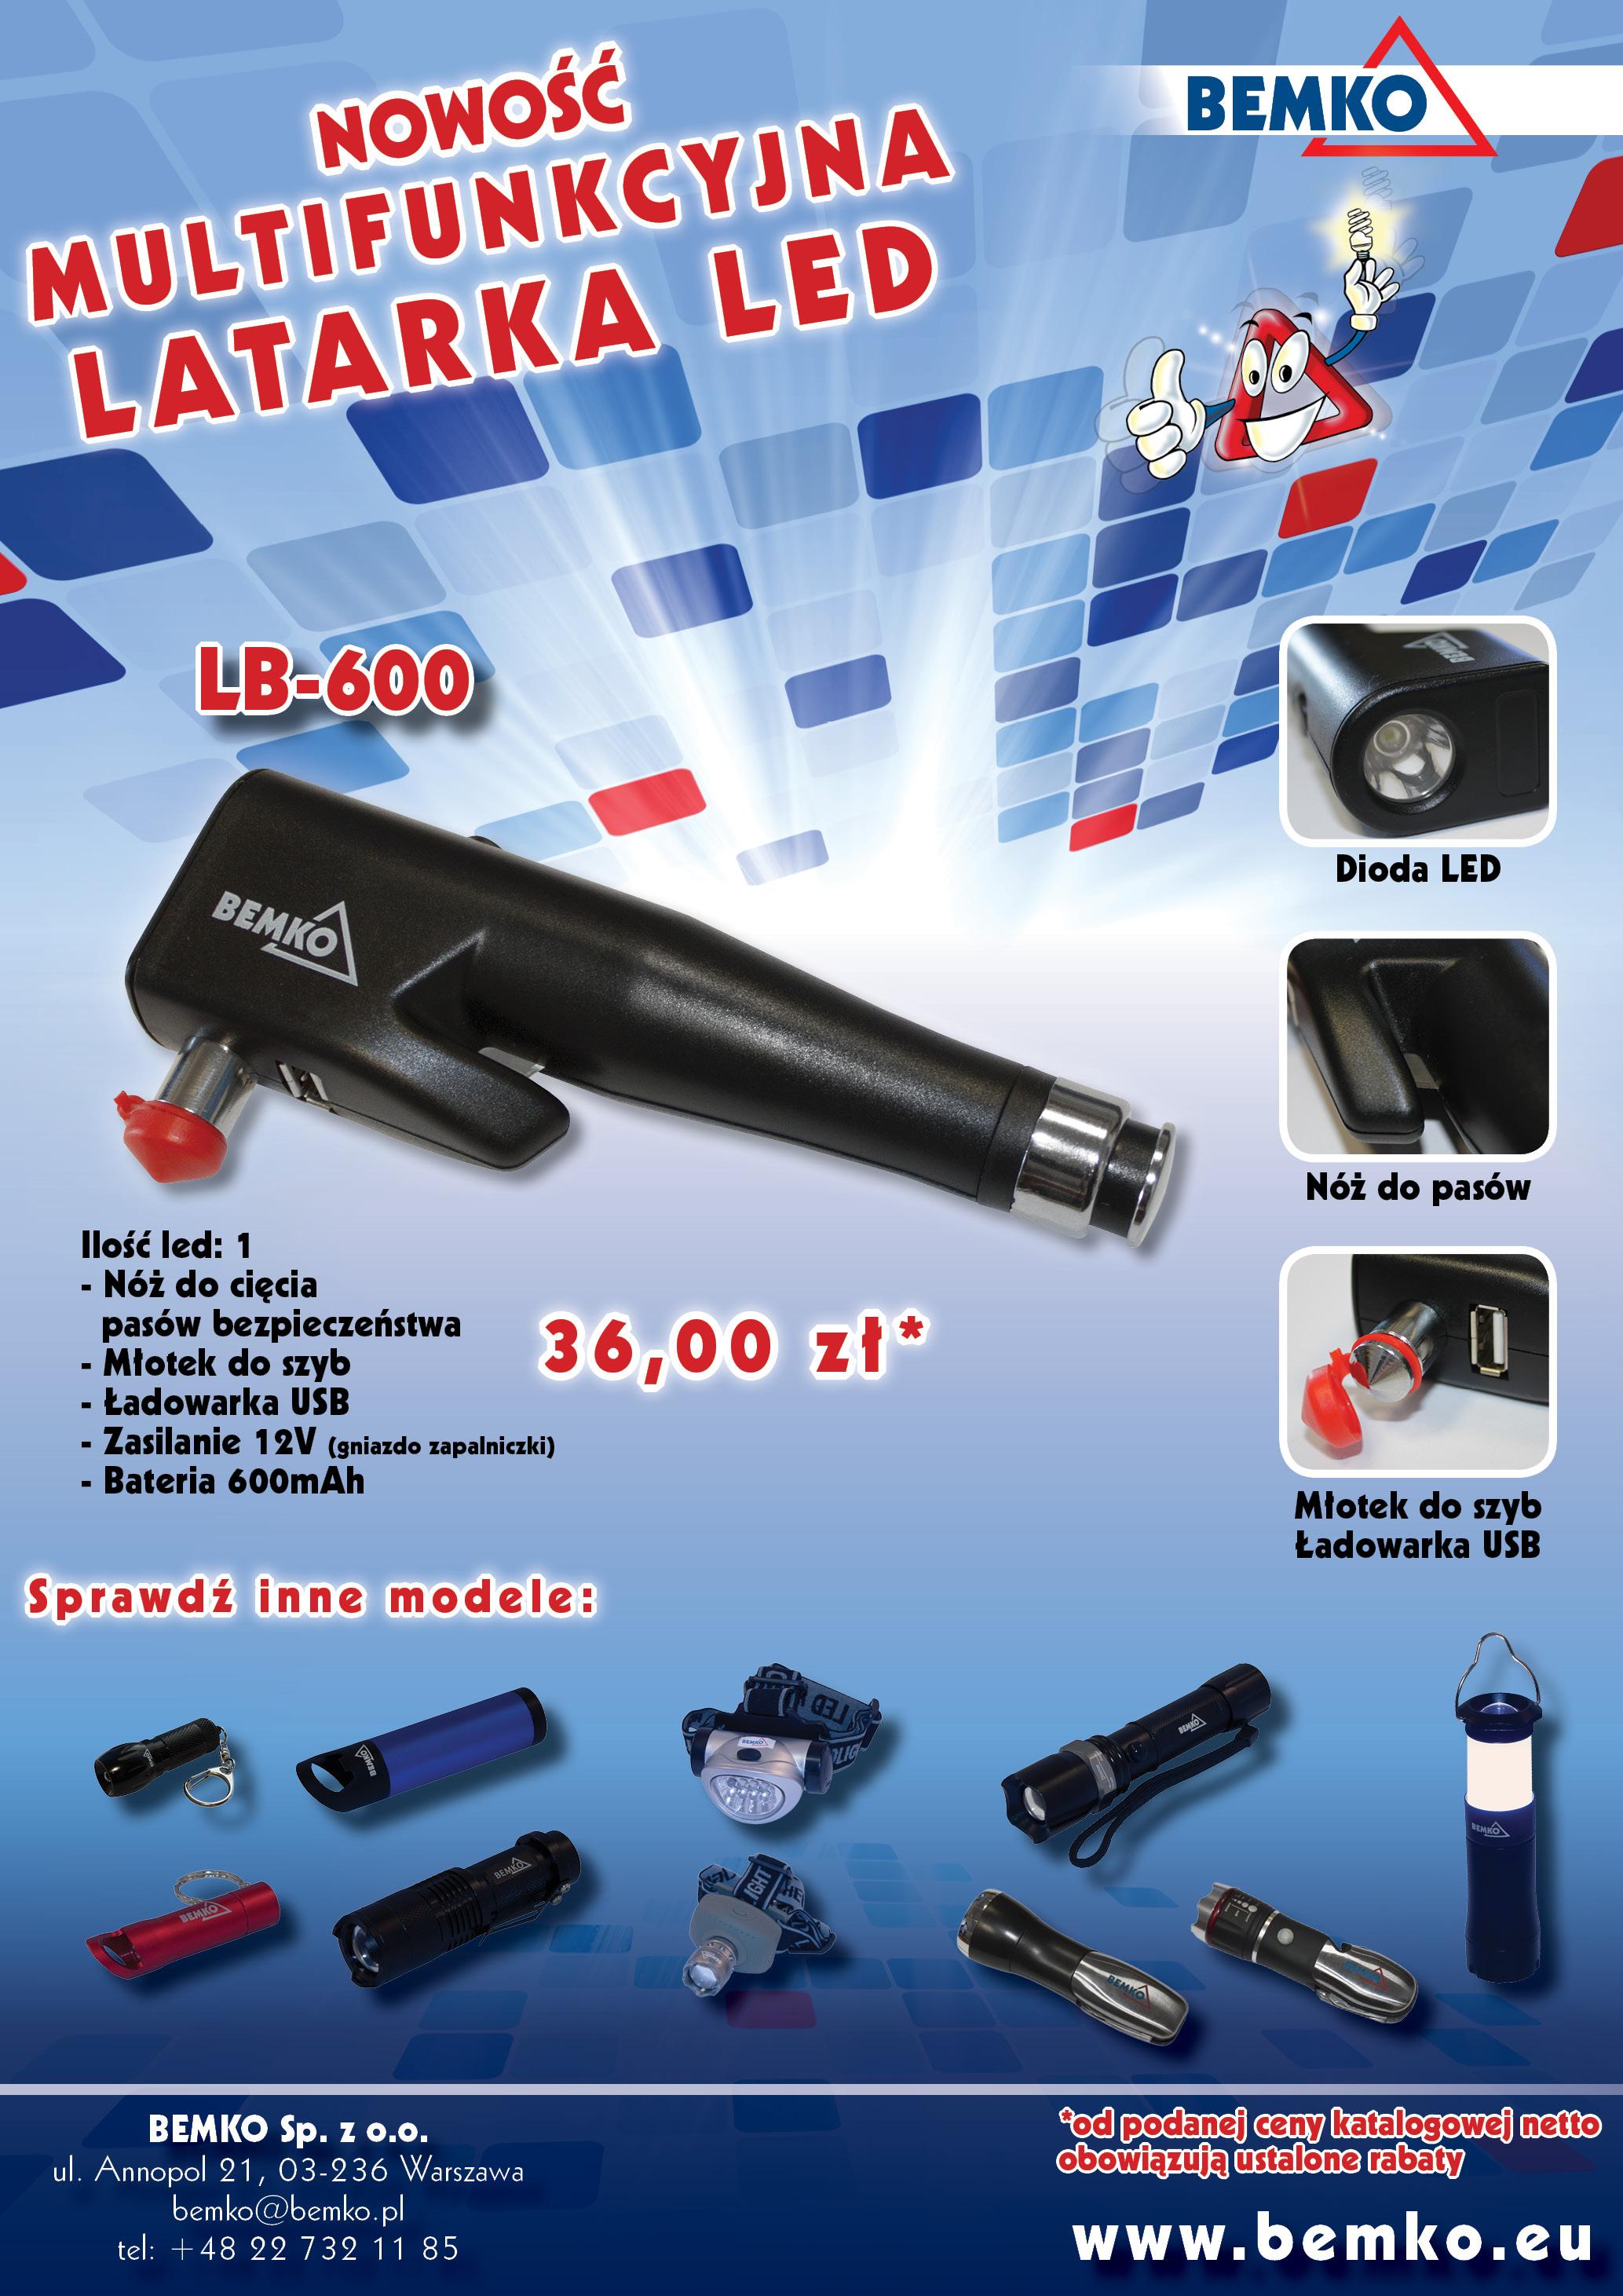 Multifunkcyjna latarka LED z funkcją ładowarki USB, noża do pasów i młotka do szyb